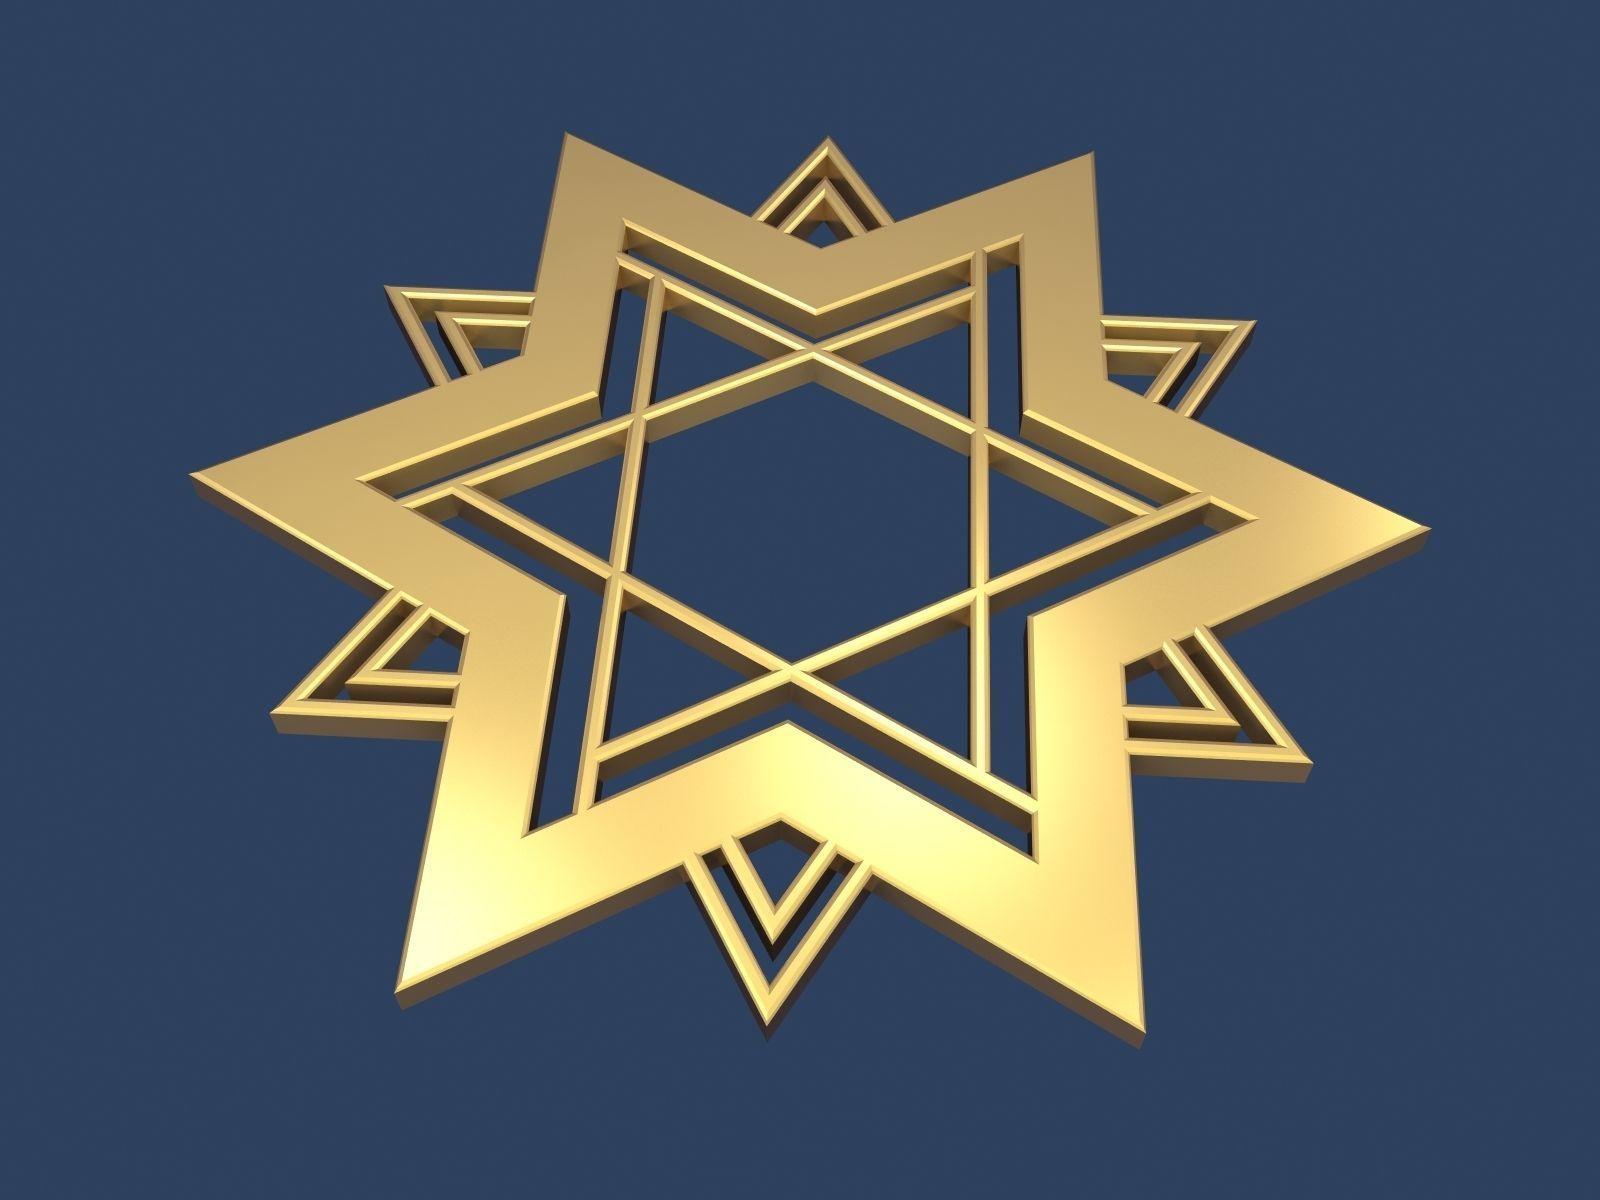 Star of David. 662733 - Download Free Vectors, Clipart